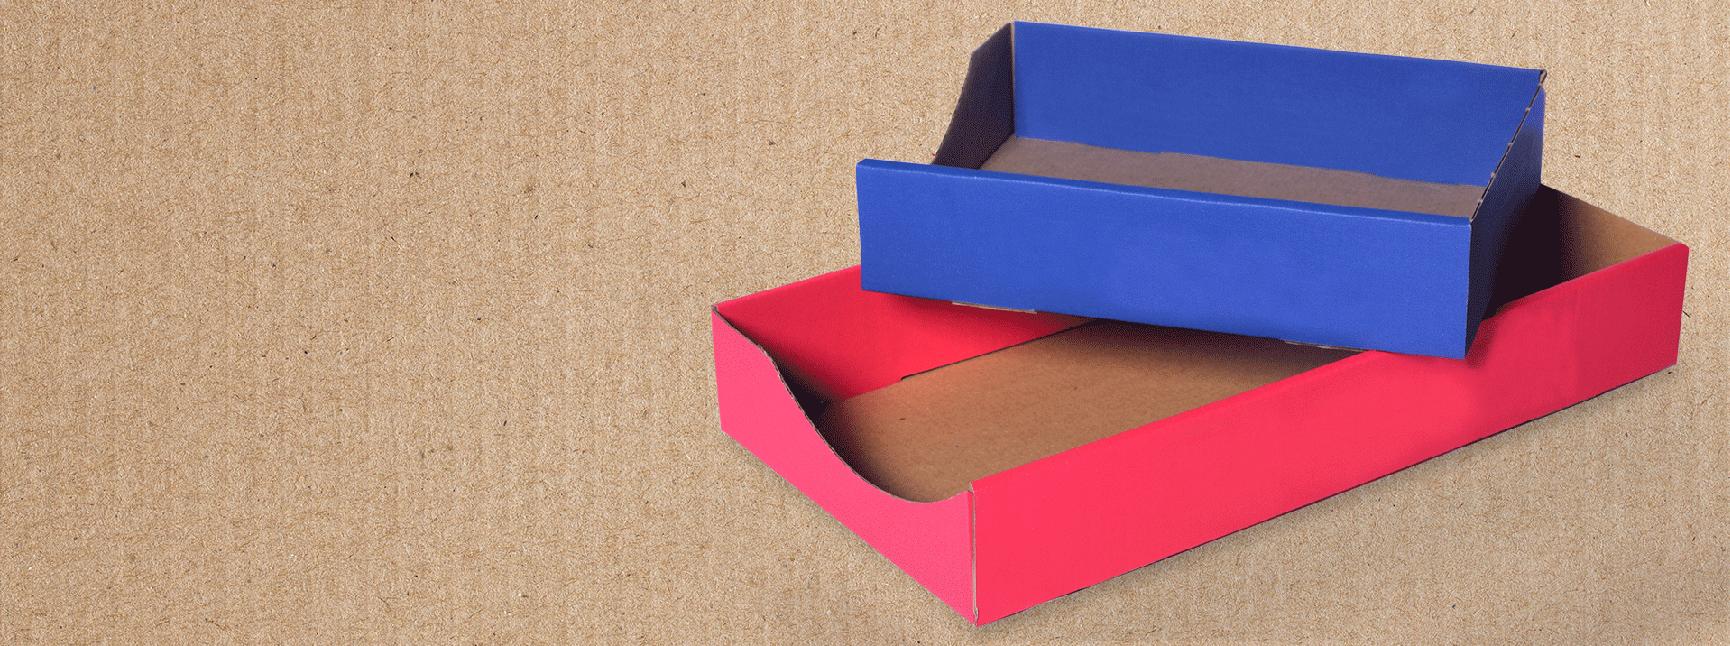 Packaging for Sukpak Ltd by Dakri Cartons Ltd